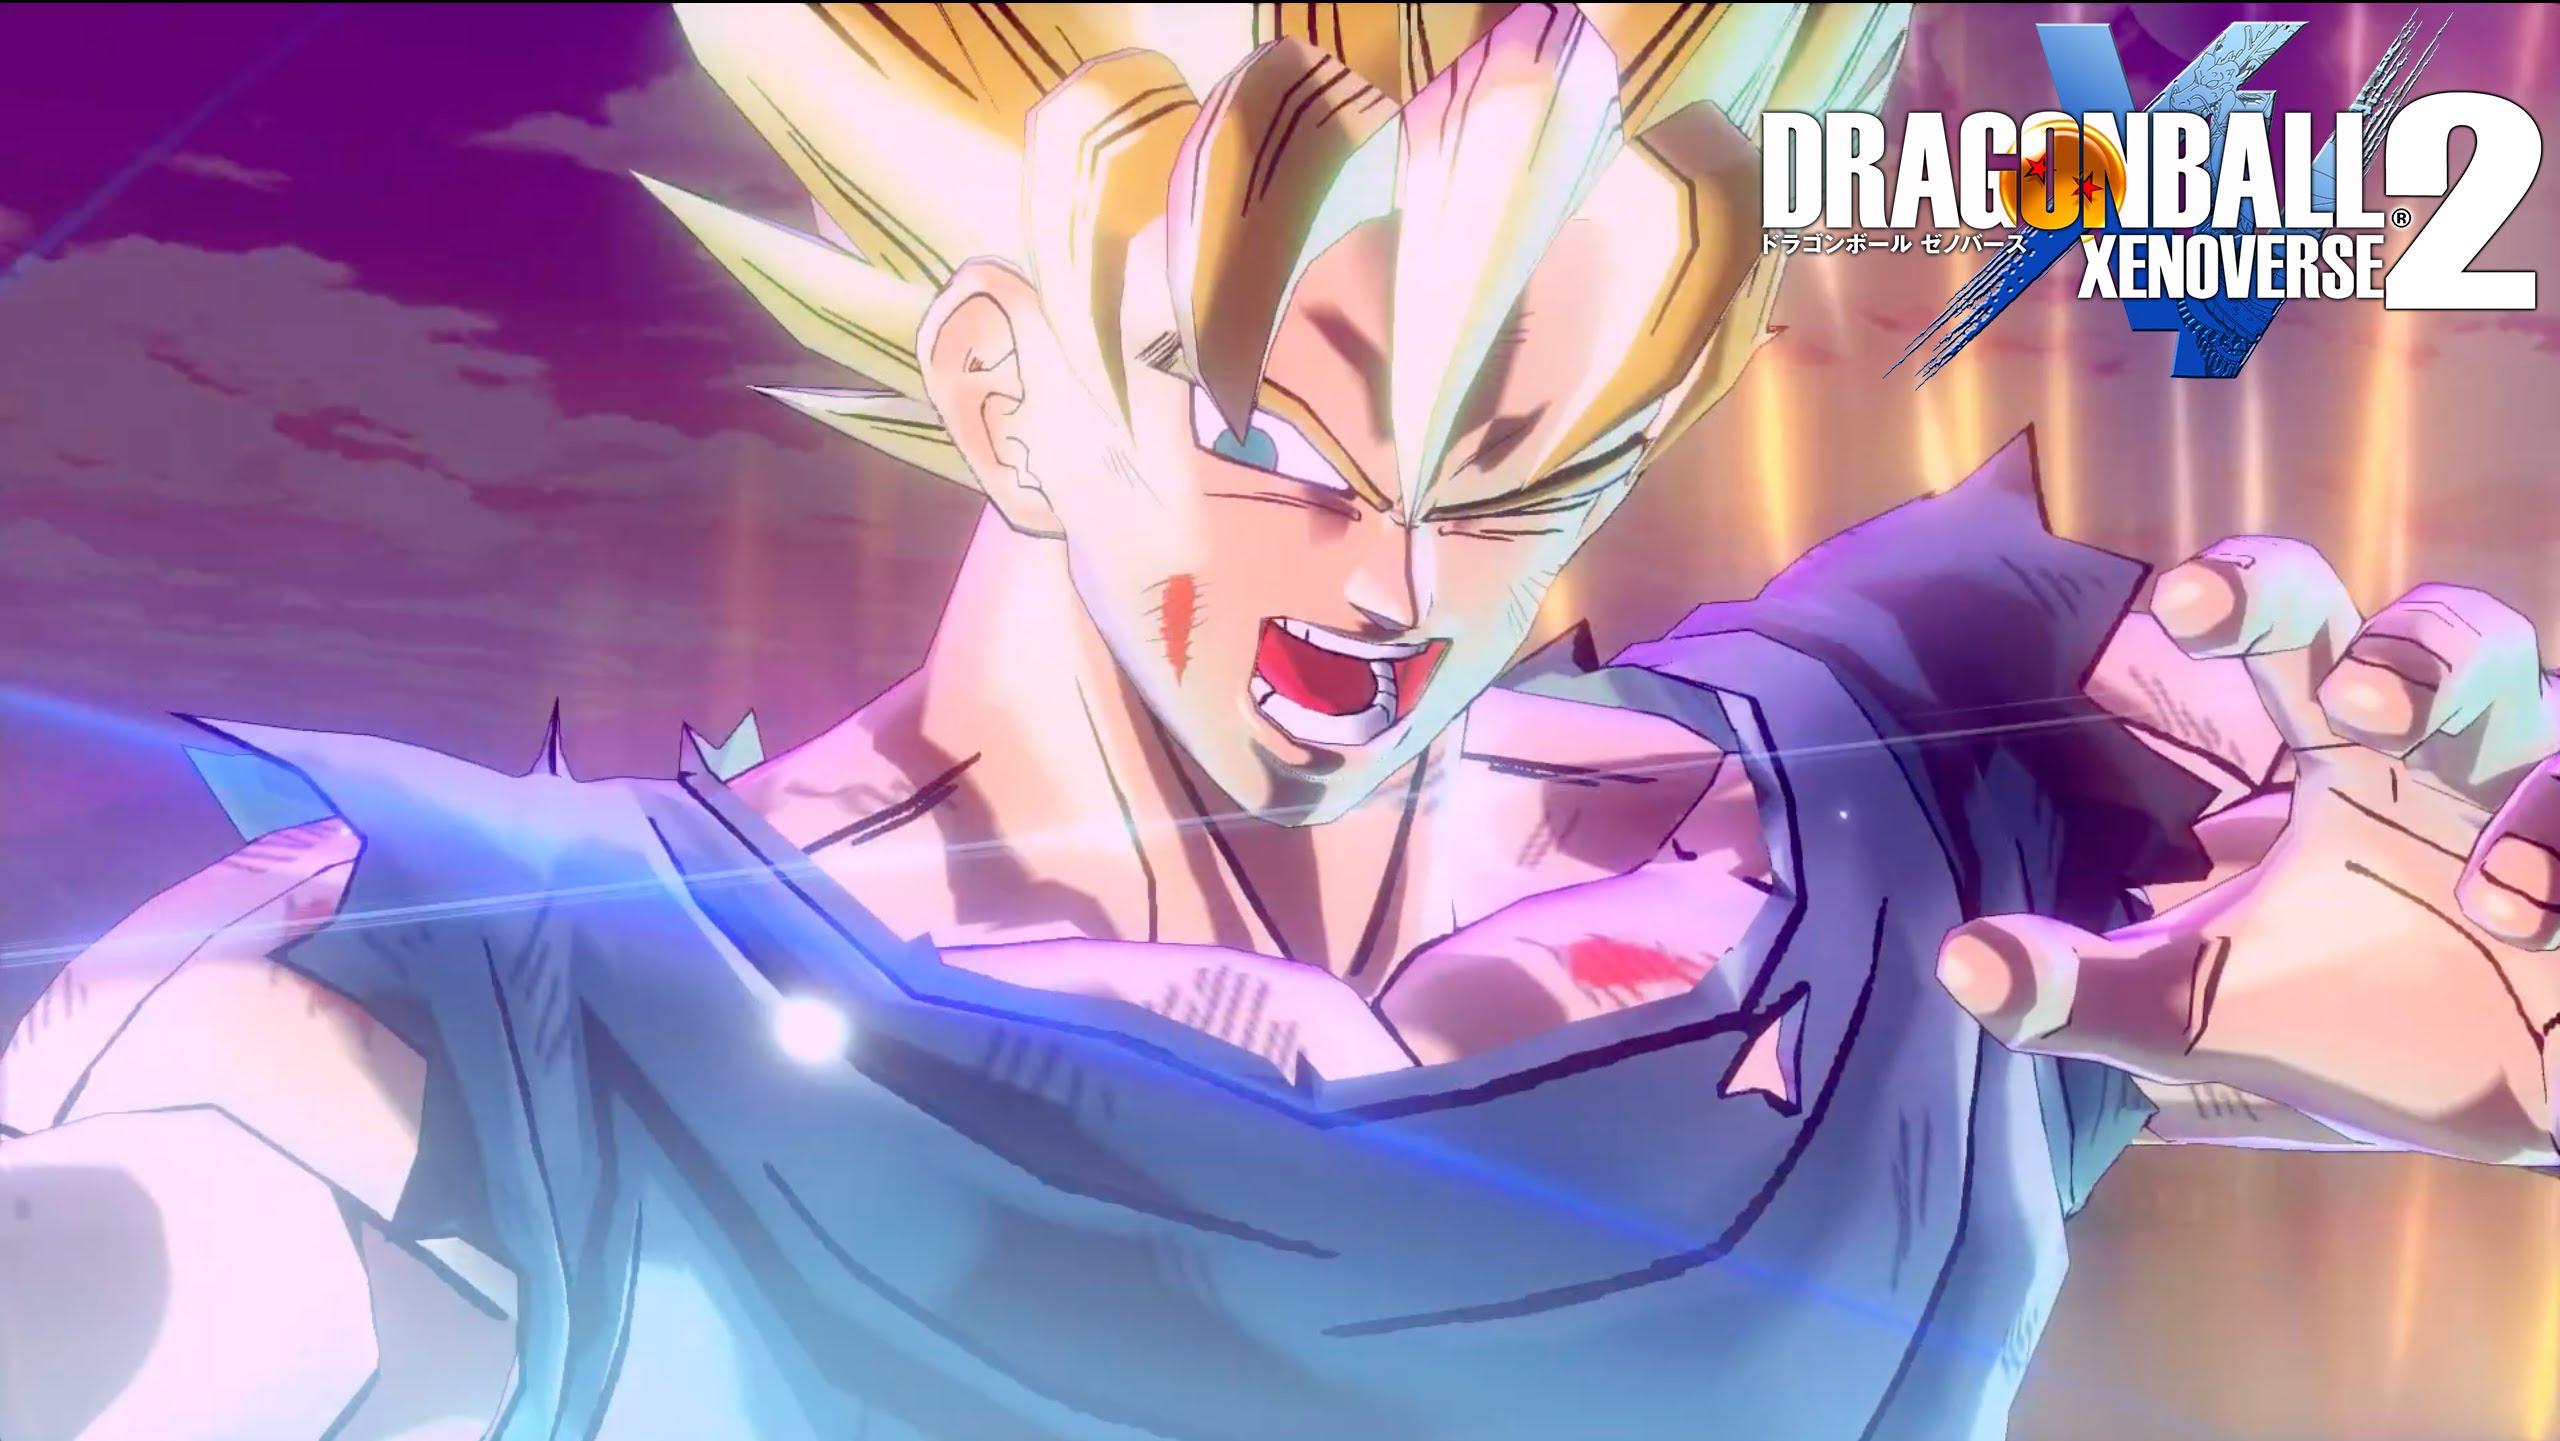 Dragon Ball Xenoverse 2 for Nintendo Switch vendeu 80% de sua remessa inicial no Japão